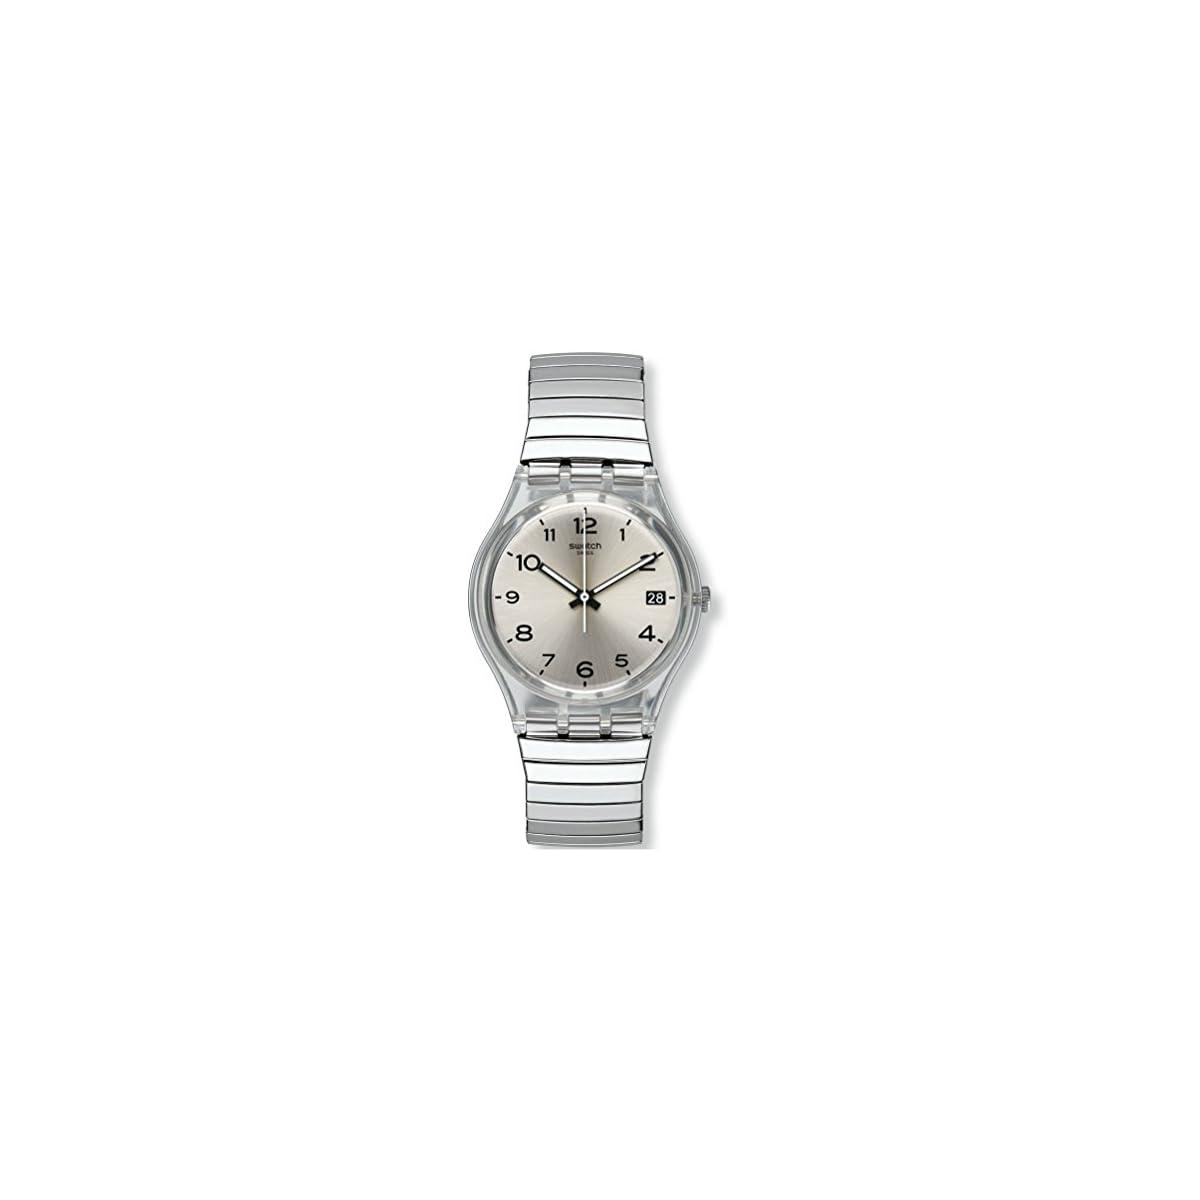 410NduWWwyL. SS1200  - Swatch Reloj Digital de Cuarzo para Mujer con Correa de Acero Inoxidable - GM416A